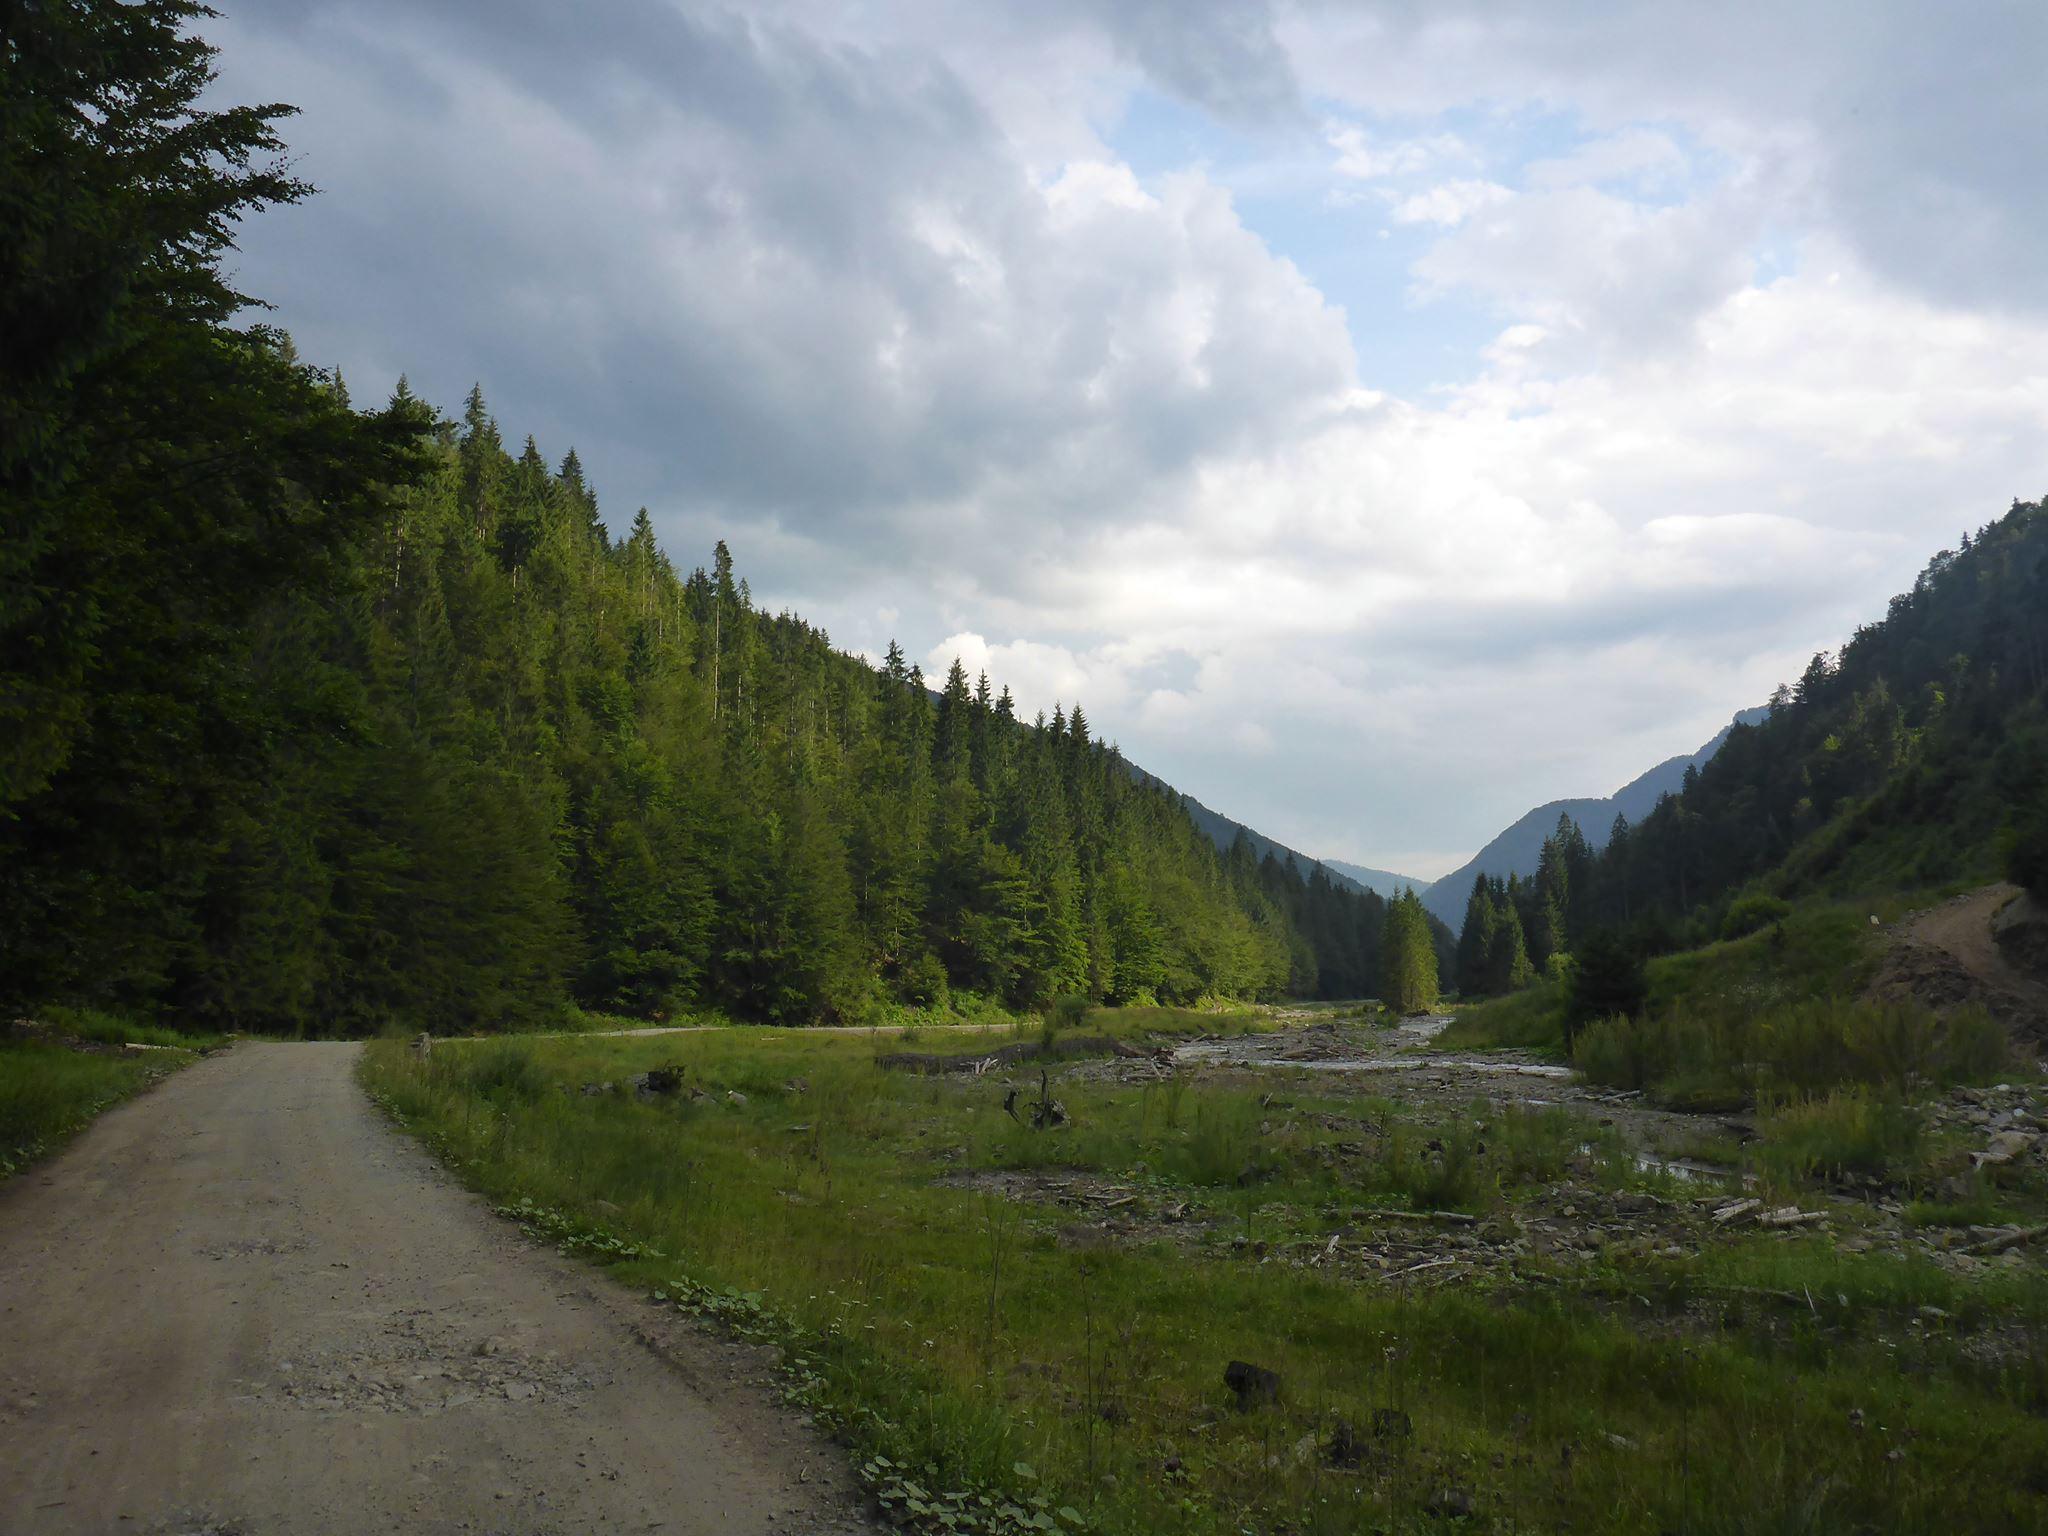 La région des Maramures au nord de la Roumanie. Je suis une piste jusqu'à arriver jusqu'au premier village